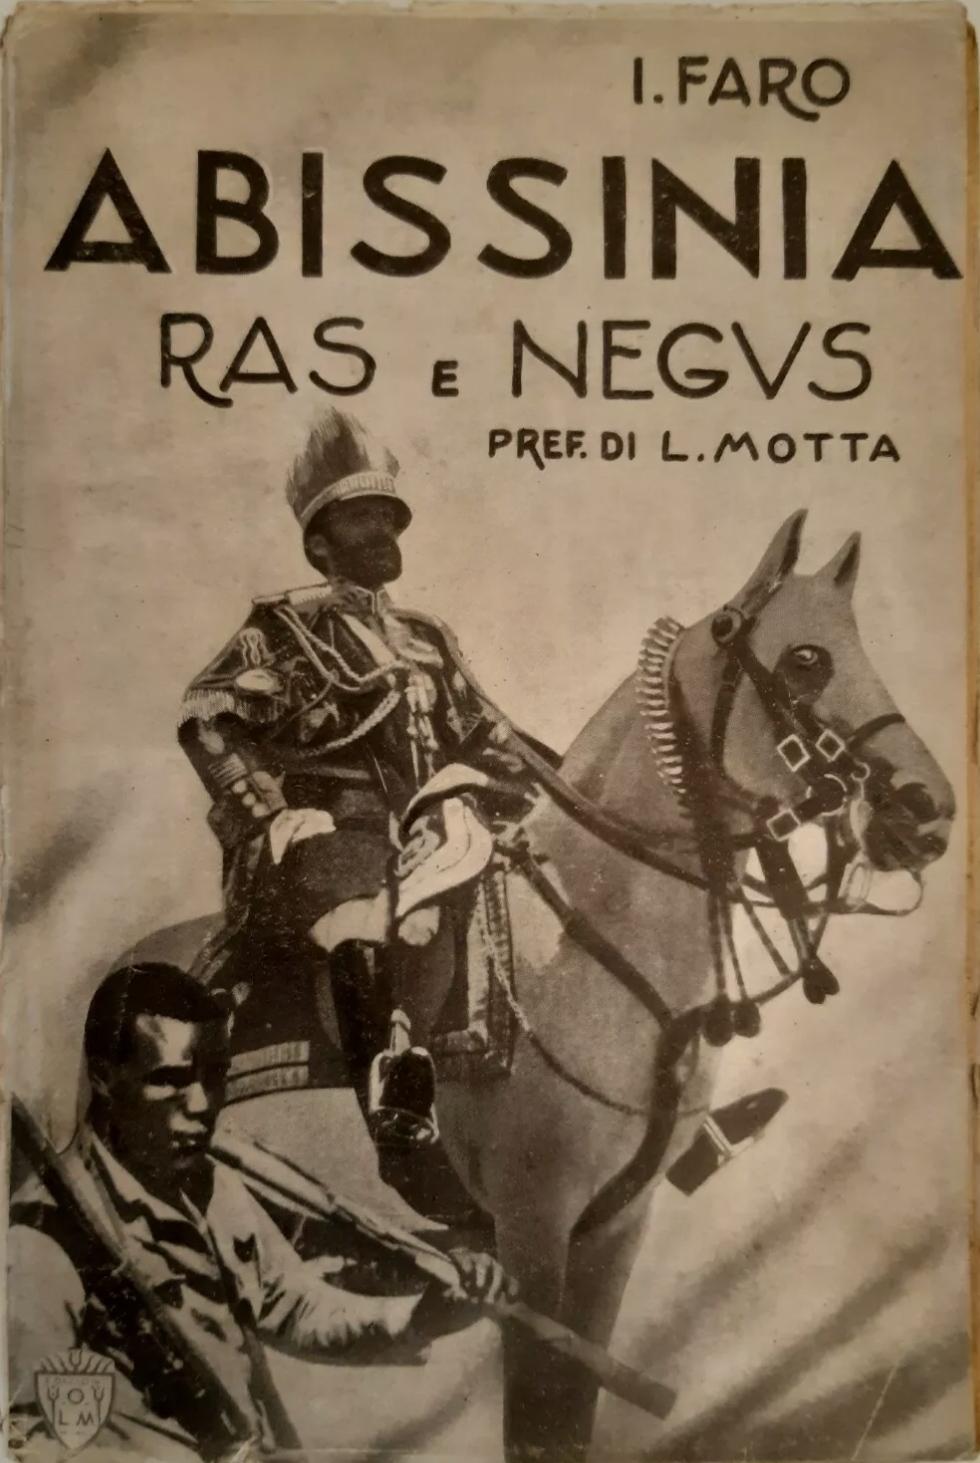 ABISSINIA: RAS E NEGUS PREF. DI L. MOTTA EDIZIONI O.L.M. 1935 – molto raro 25€